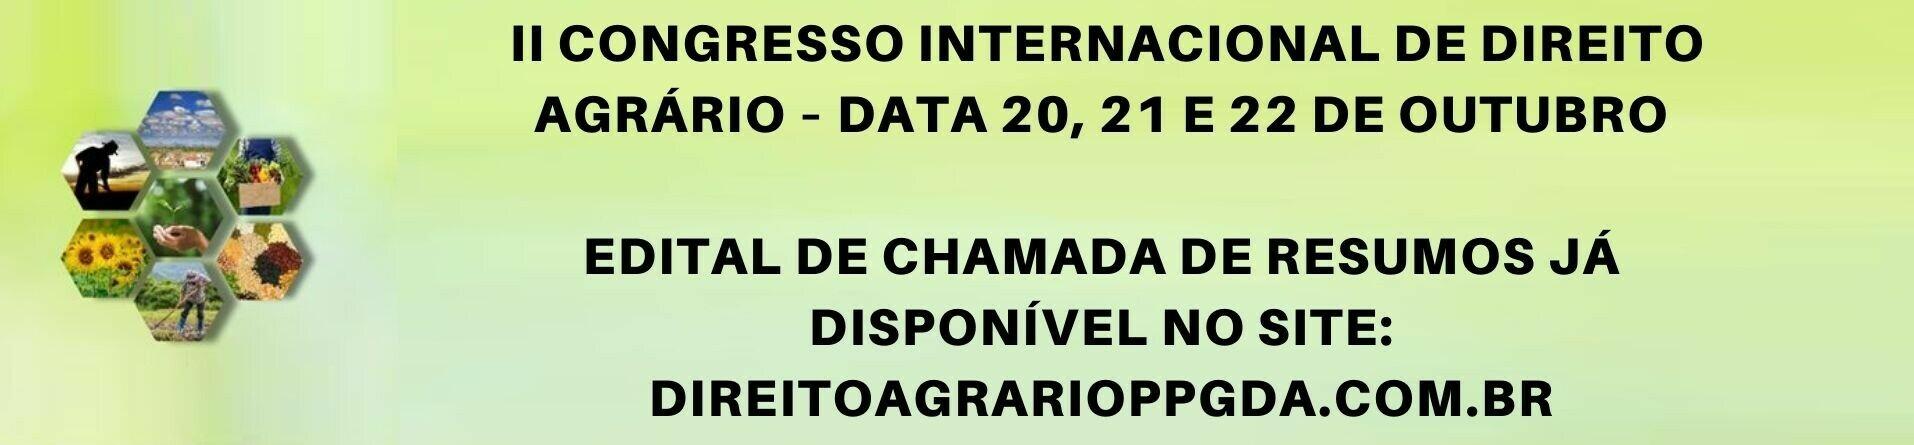 II CONGRESSO INTERNACIONAL DE DIREITO AGRÁRIO